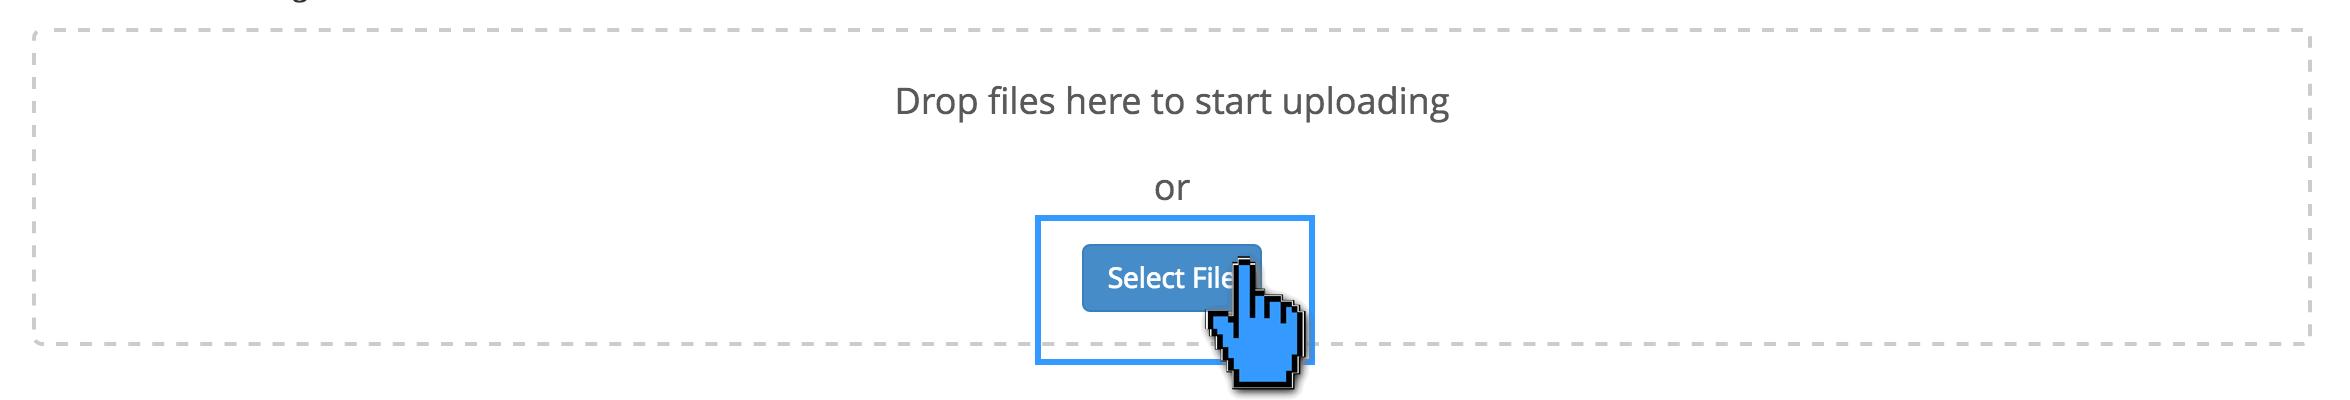 pengoperasian-unggah-upload-file-pada-file-manager-1